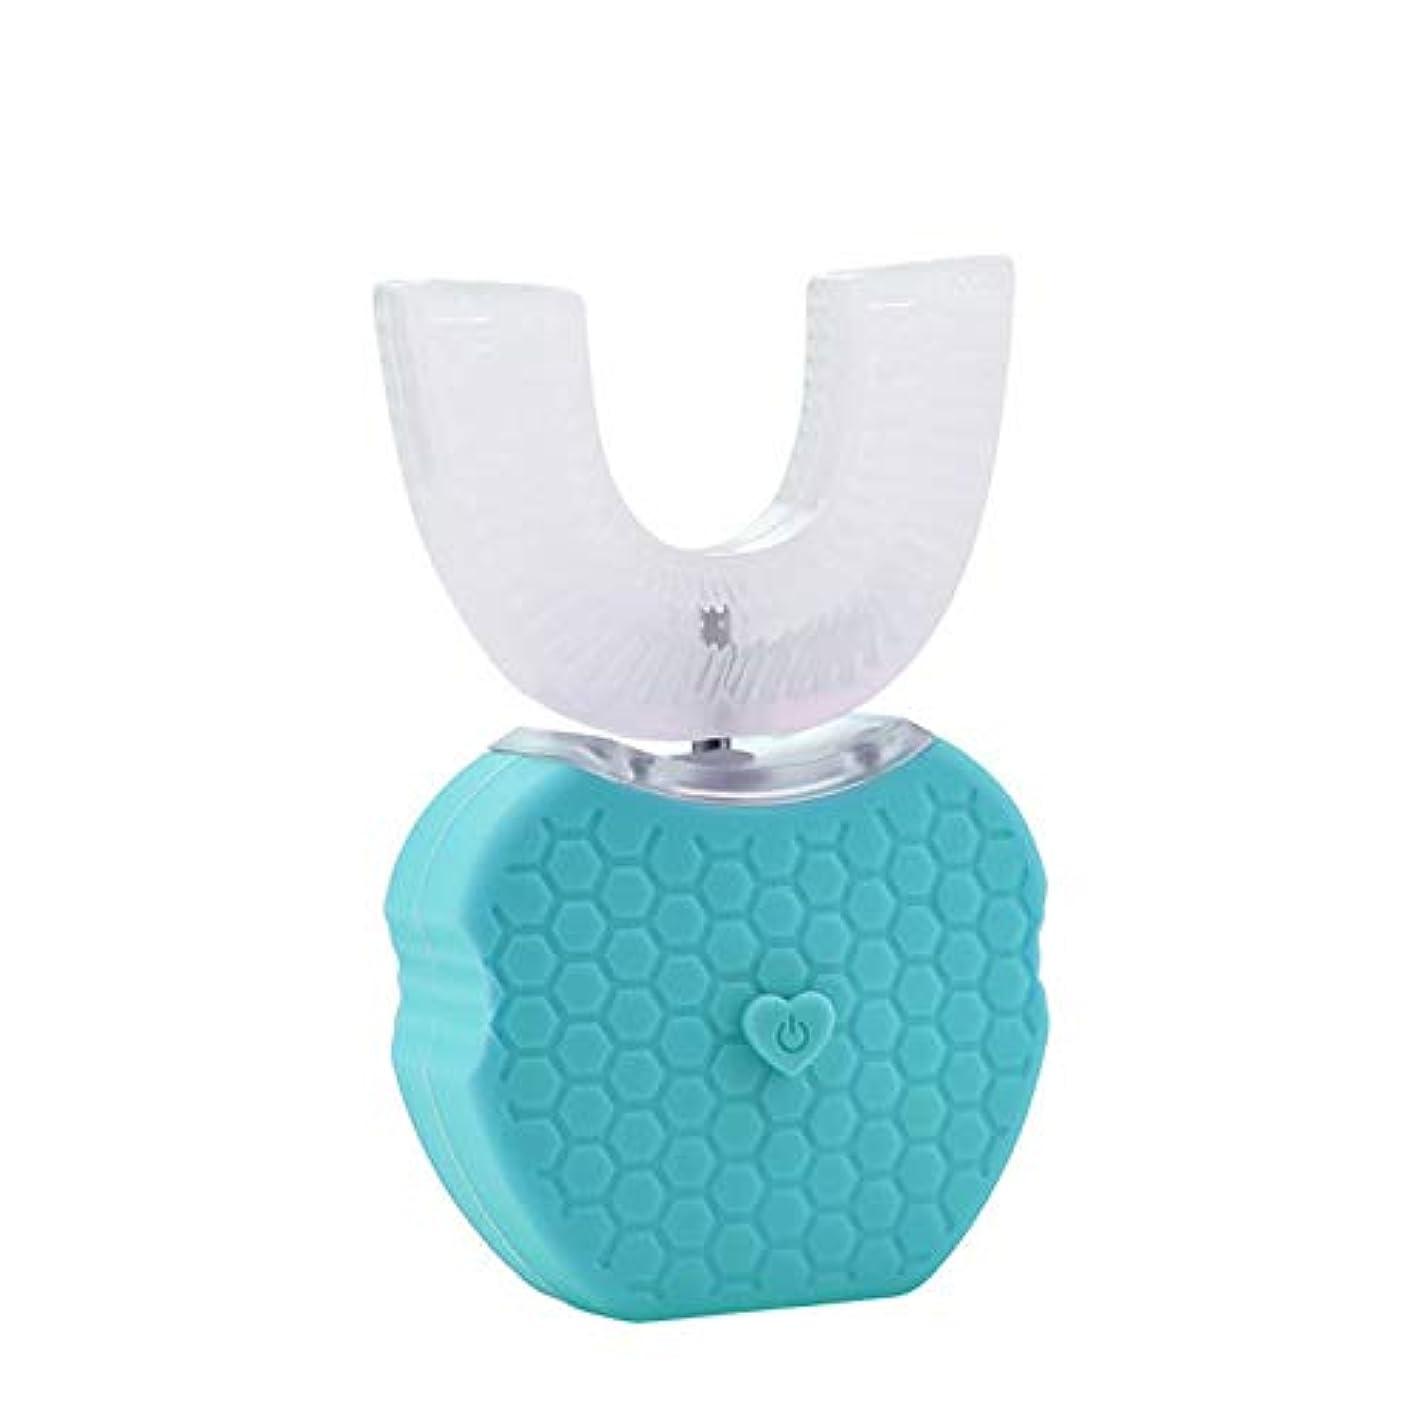 無人マディソン征服フルオートマチック可変周波数電動歯ブラシ、自動360度U字型電動歯ブラシ、ワイヤレス充電IPX7防水自動歯ブラシ(大人用),Blue